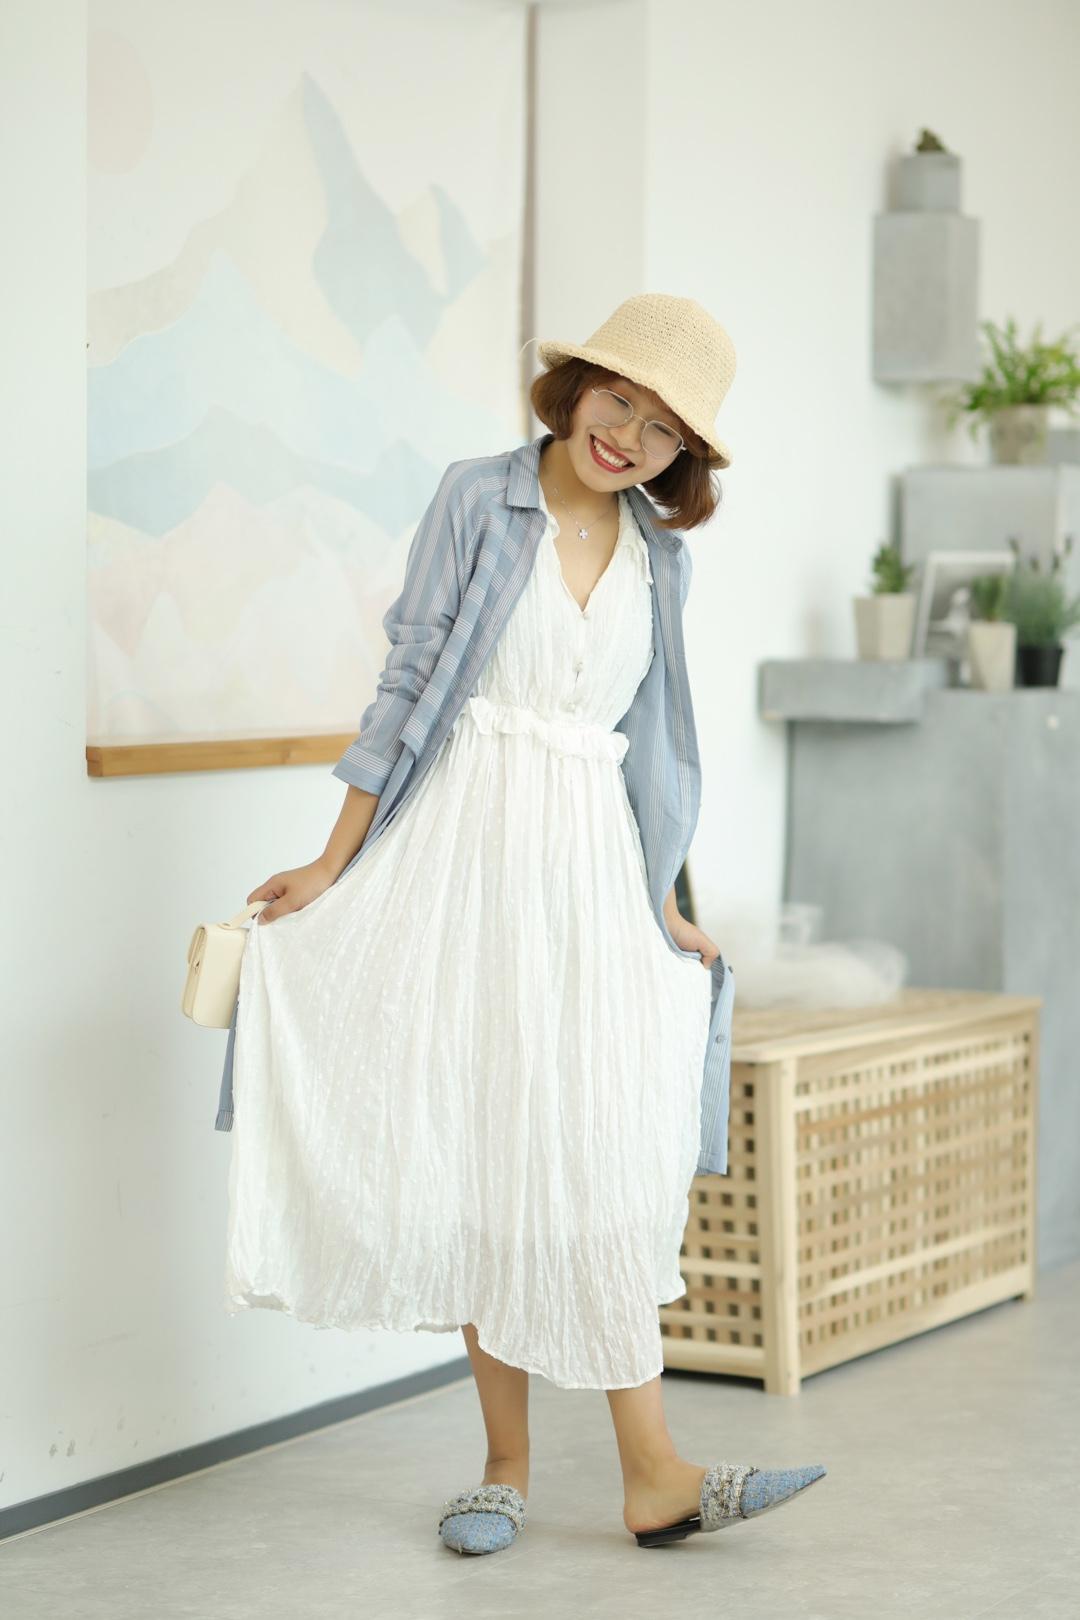 #樱花季,脱单风穿搭可别忘记!#  白色的裙子在春天怎么能缺席呢? 白色裙子简单还很仙女哇~ 小黑每次穿上白色的裙子都感觉自己有仙气儿~ 再搭上一件蓝色的外套,又不失活泼! 蓝色的鞋子可以和外套做个颜色呼应~ 白色裙子真的推荐买哇~ 樱花开了,赶紧穿着白色长裙 出去拍美美的照片吧!